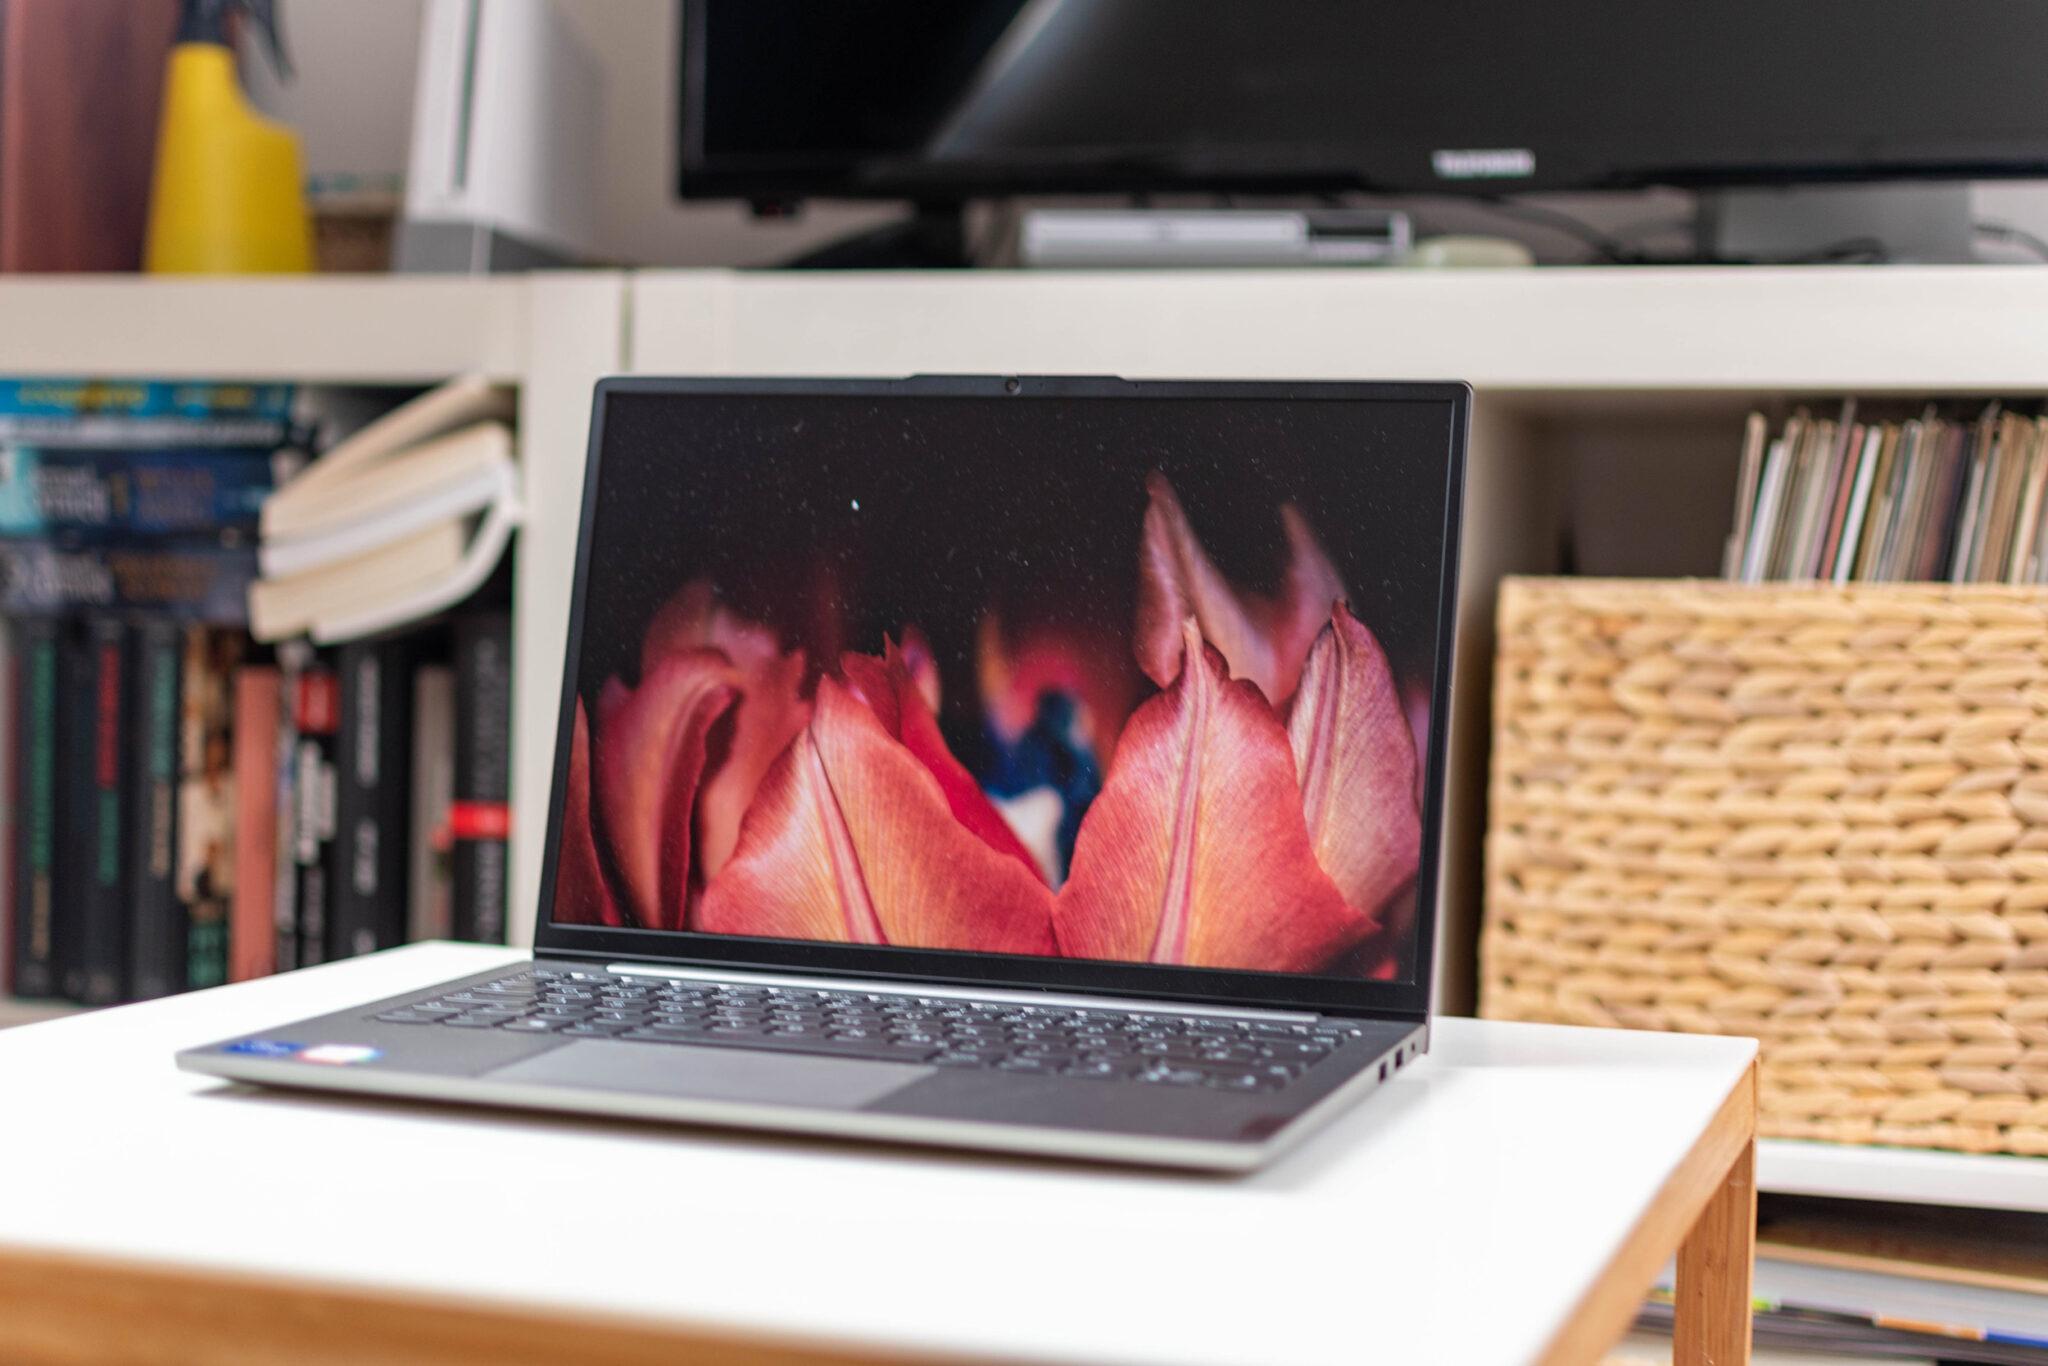 Lenovo ThinkBook 13s Gen 2 im Test: Gelunges Ultrabook mit gutem Display